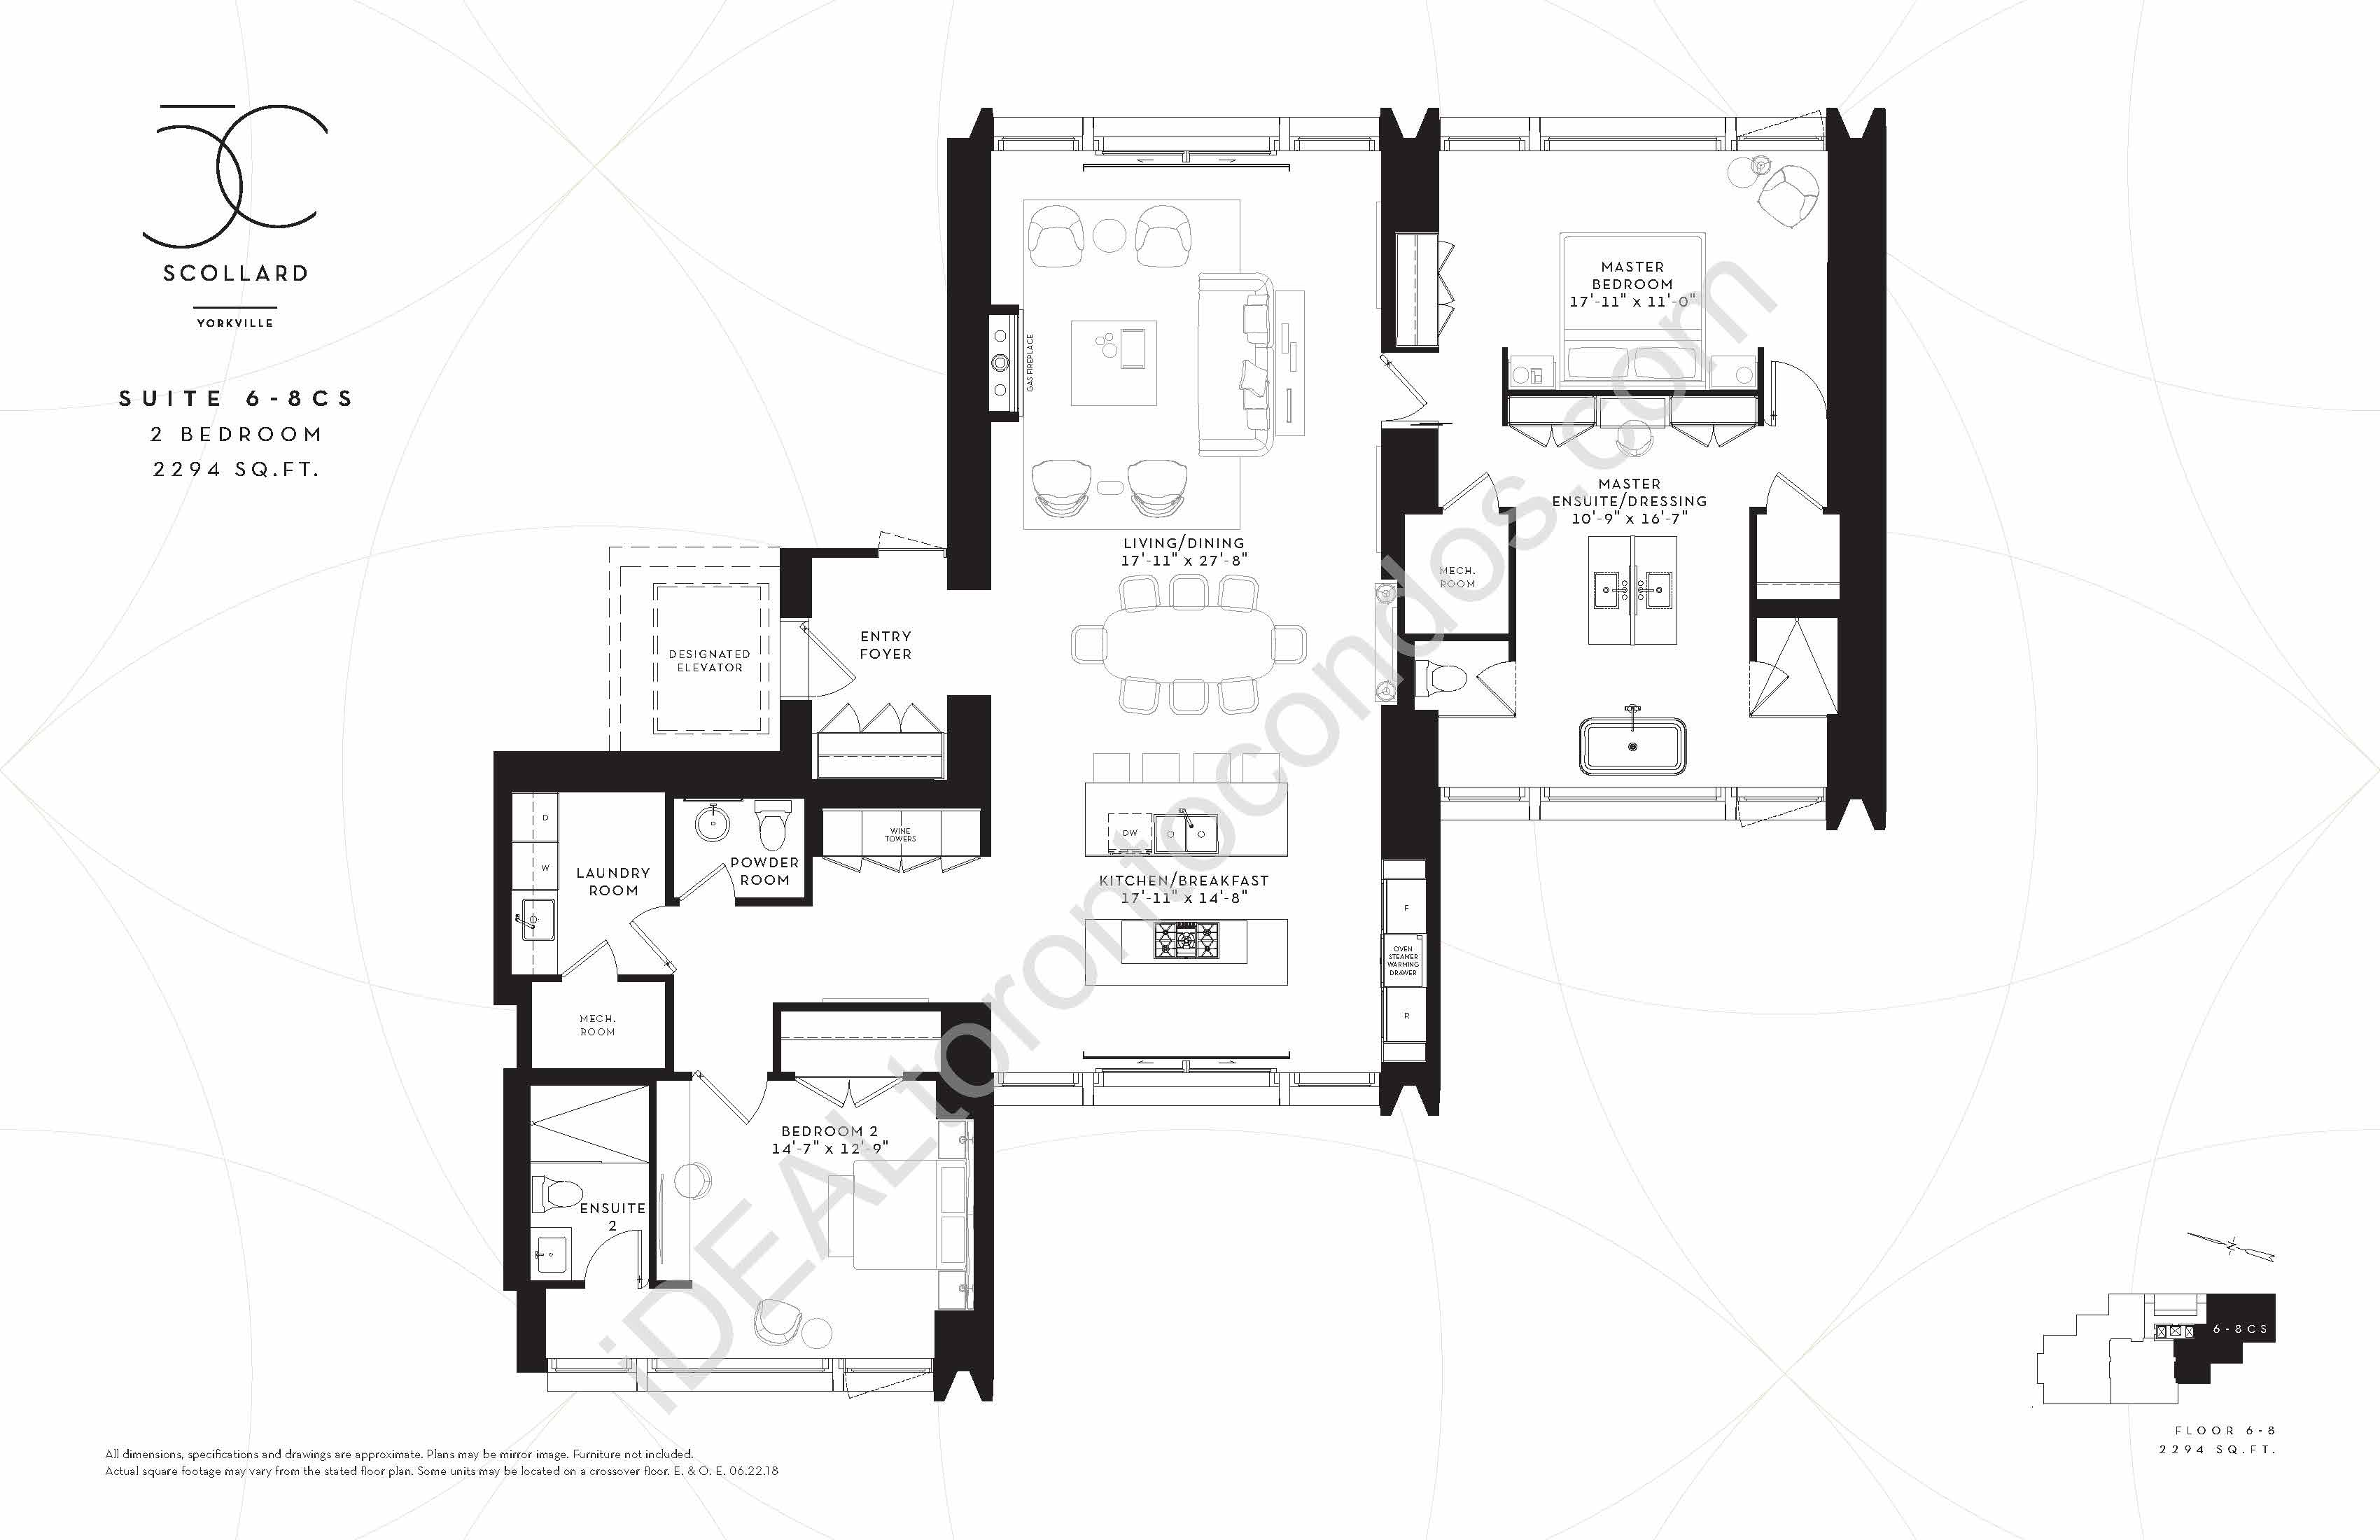 Suite 6-8 CS | 2 Bedroom